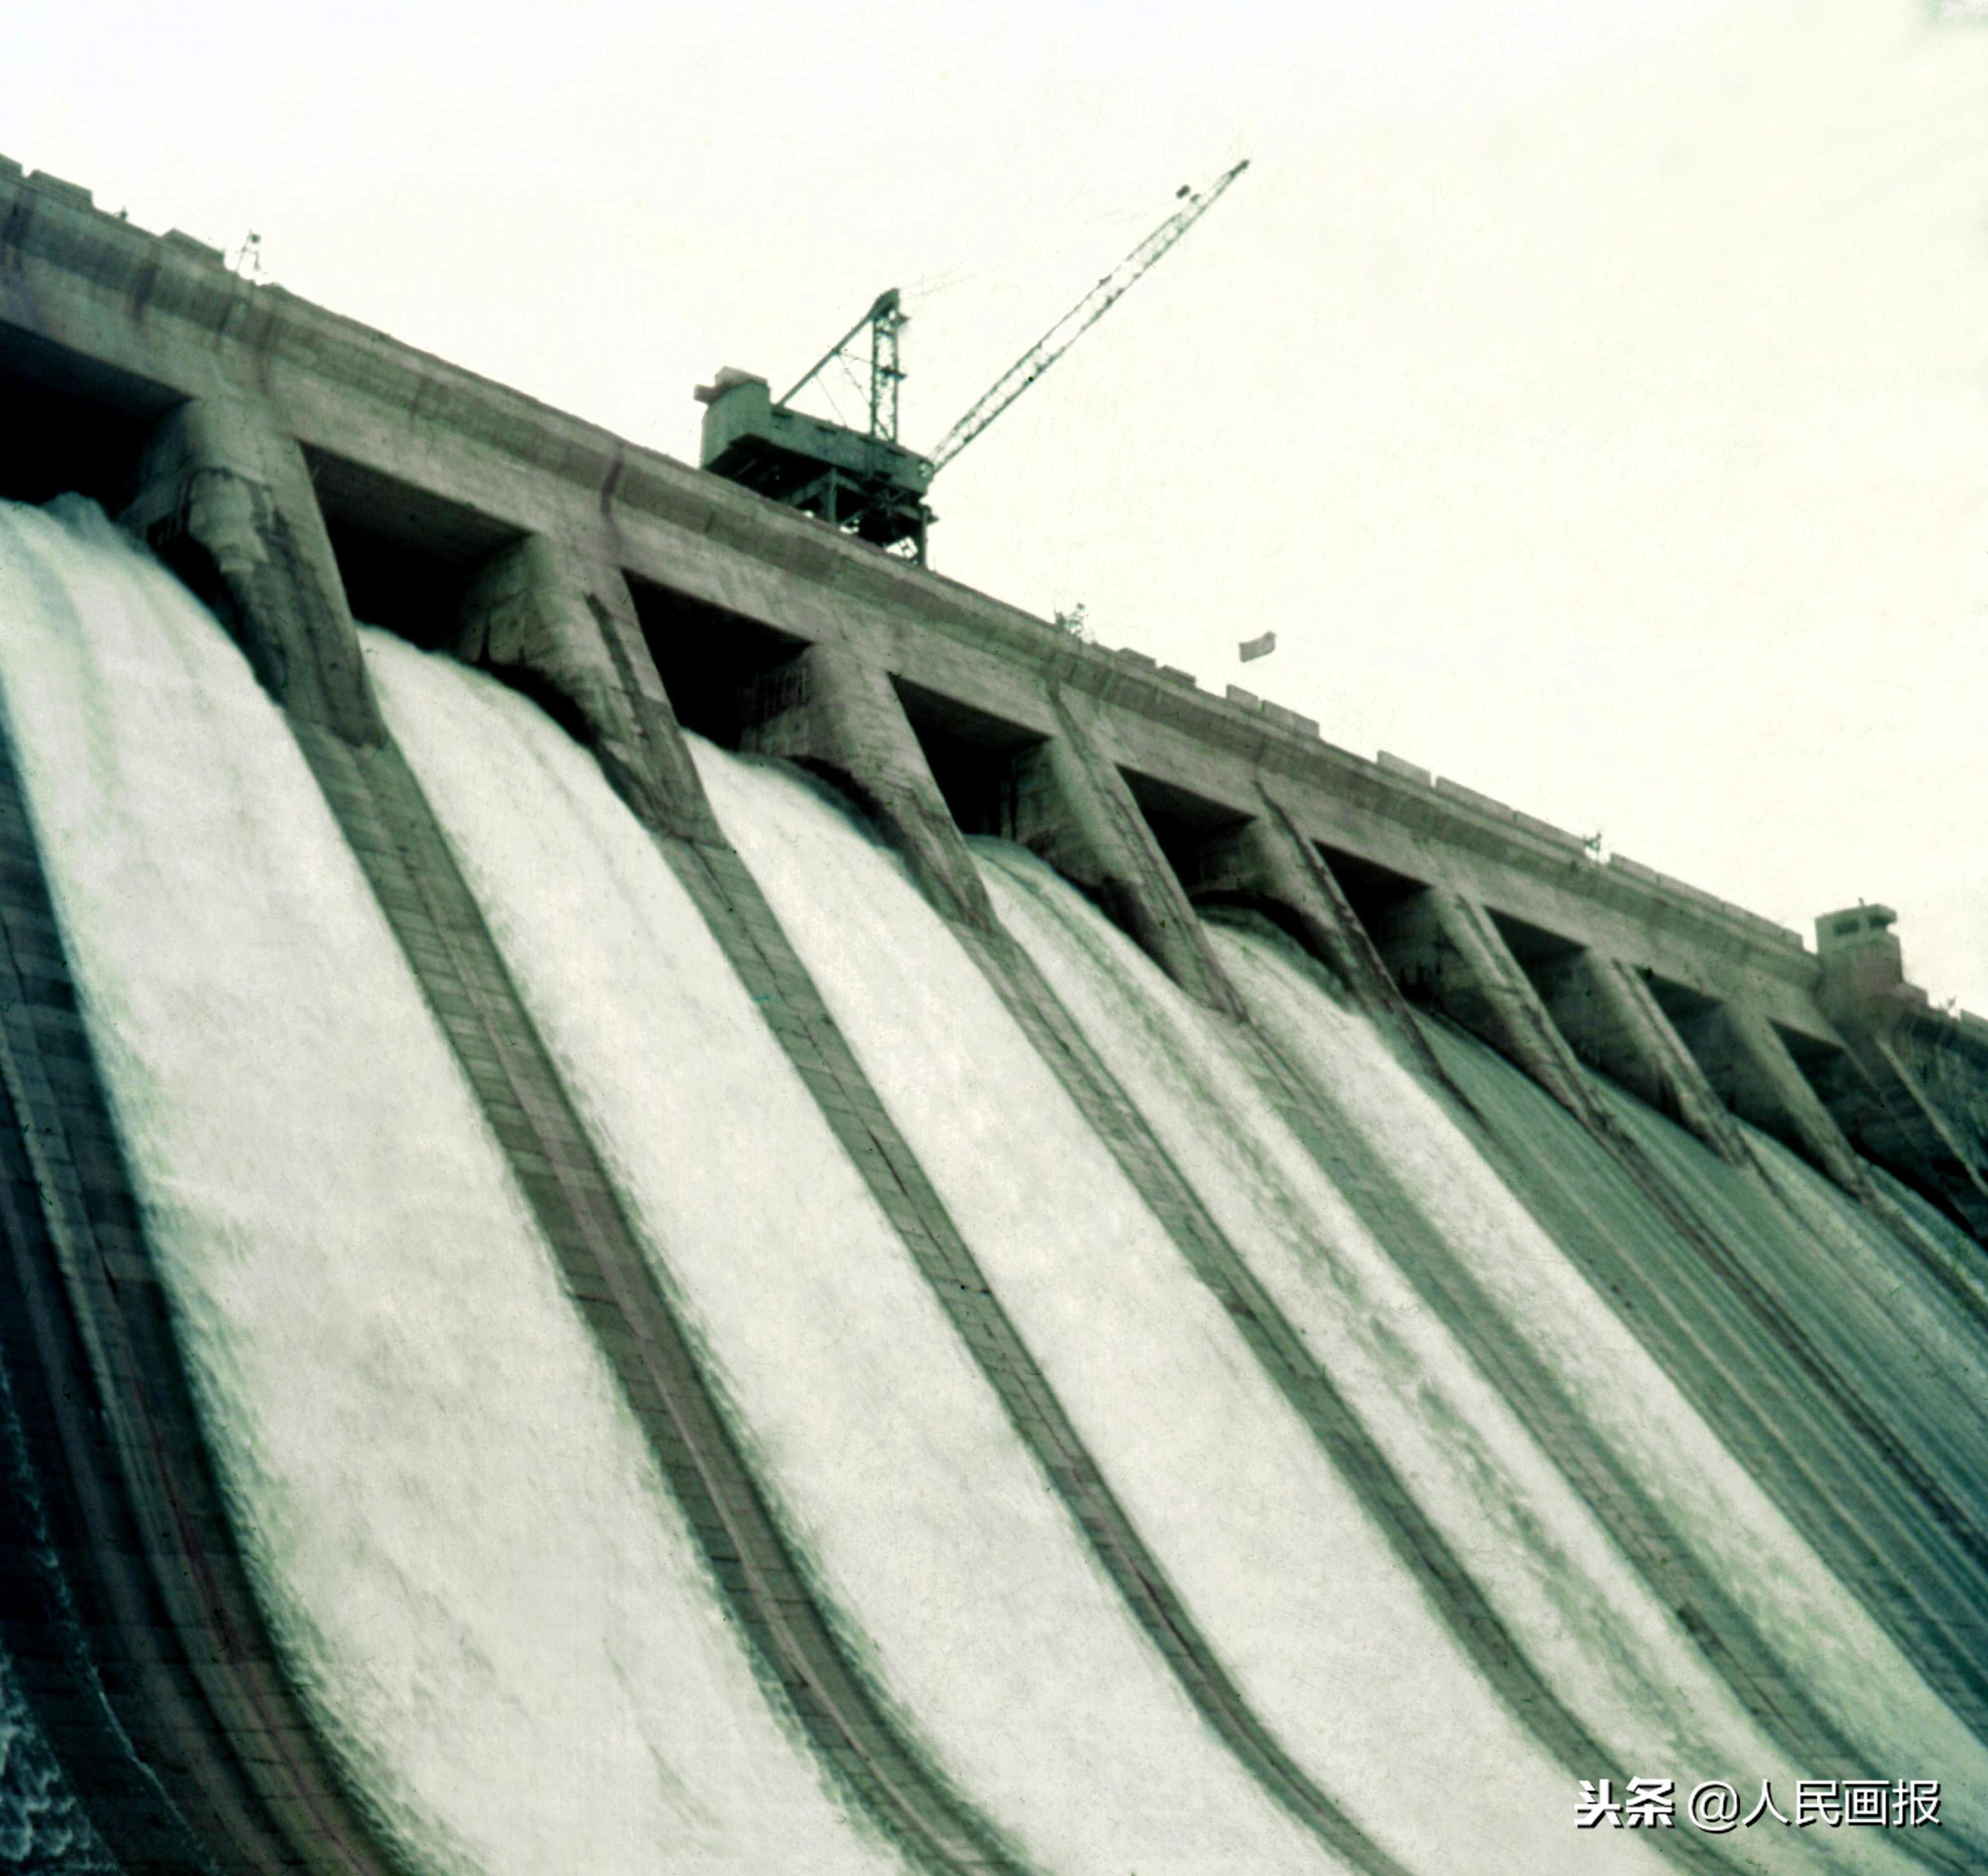 吉林丰满水电站大坝正在爆破拆除